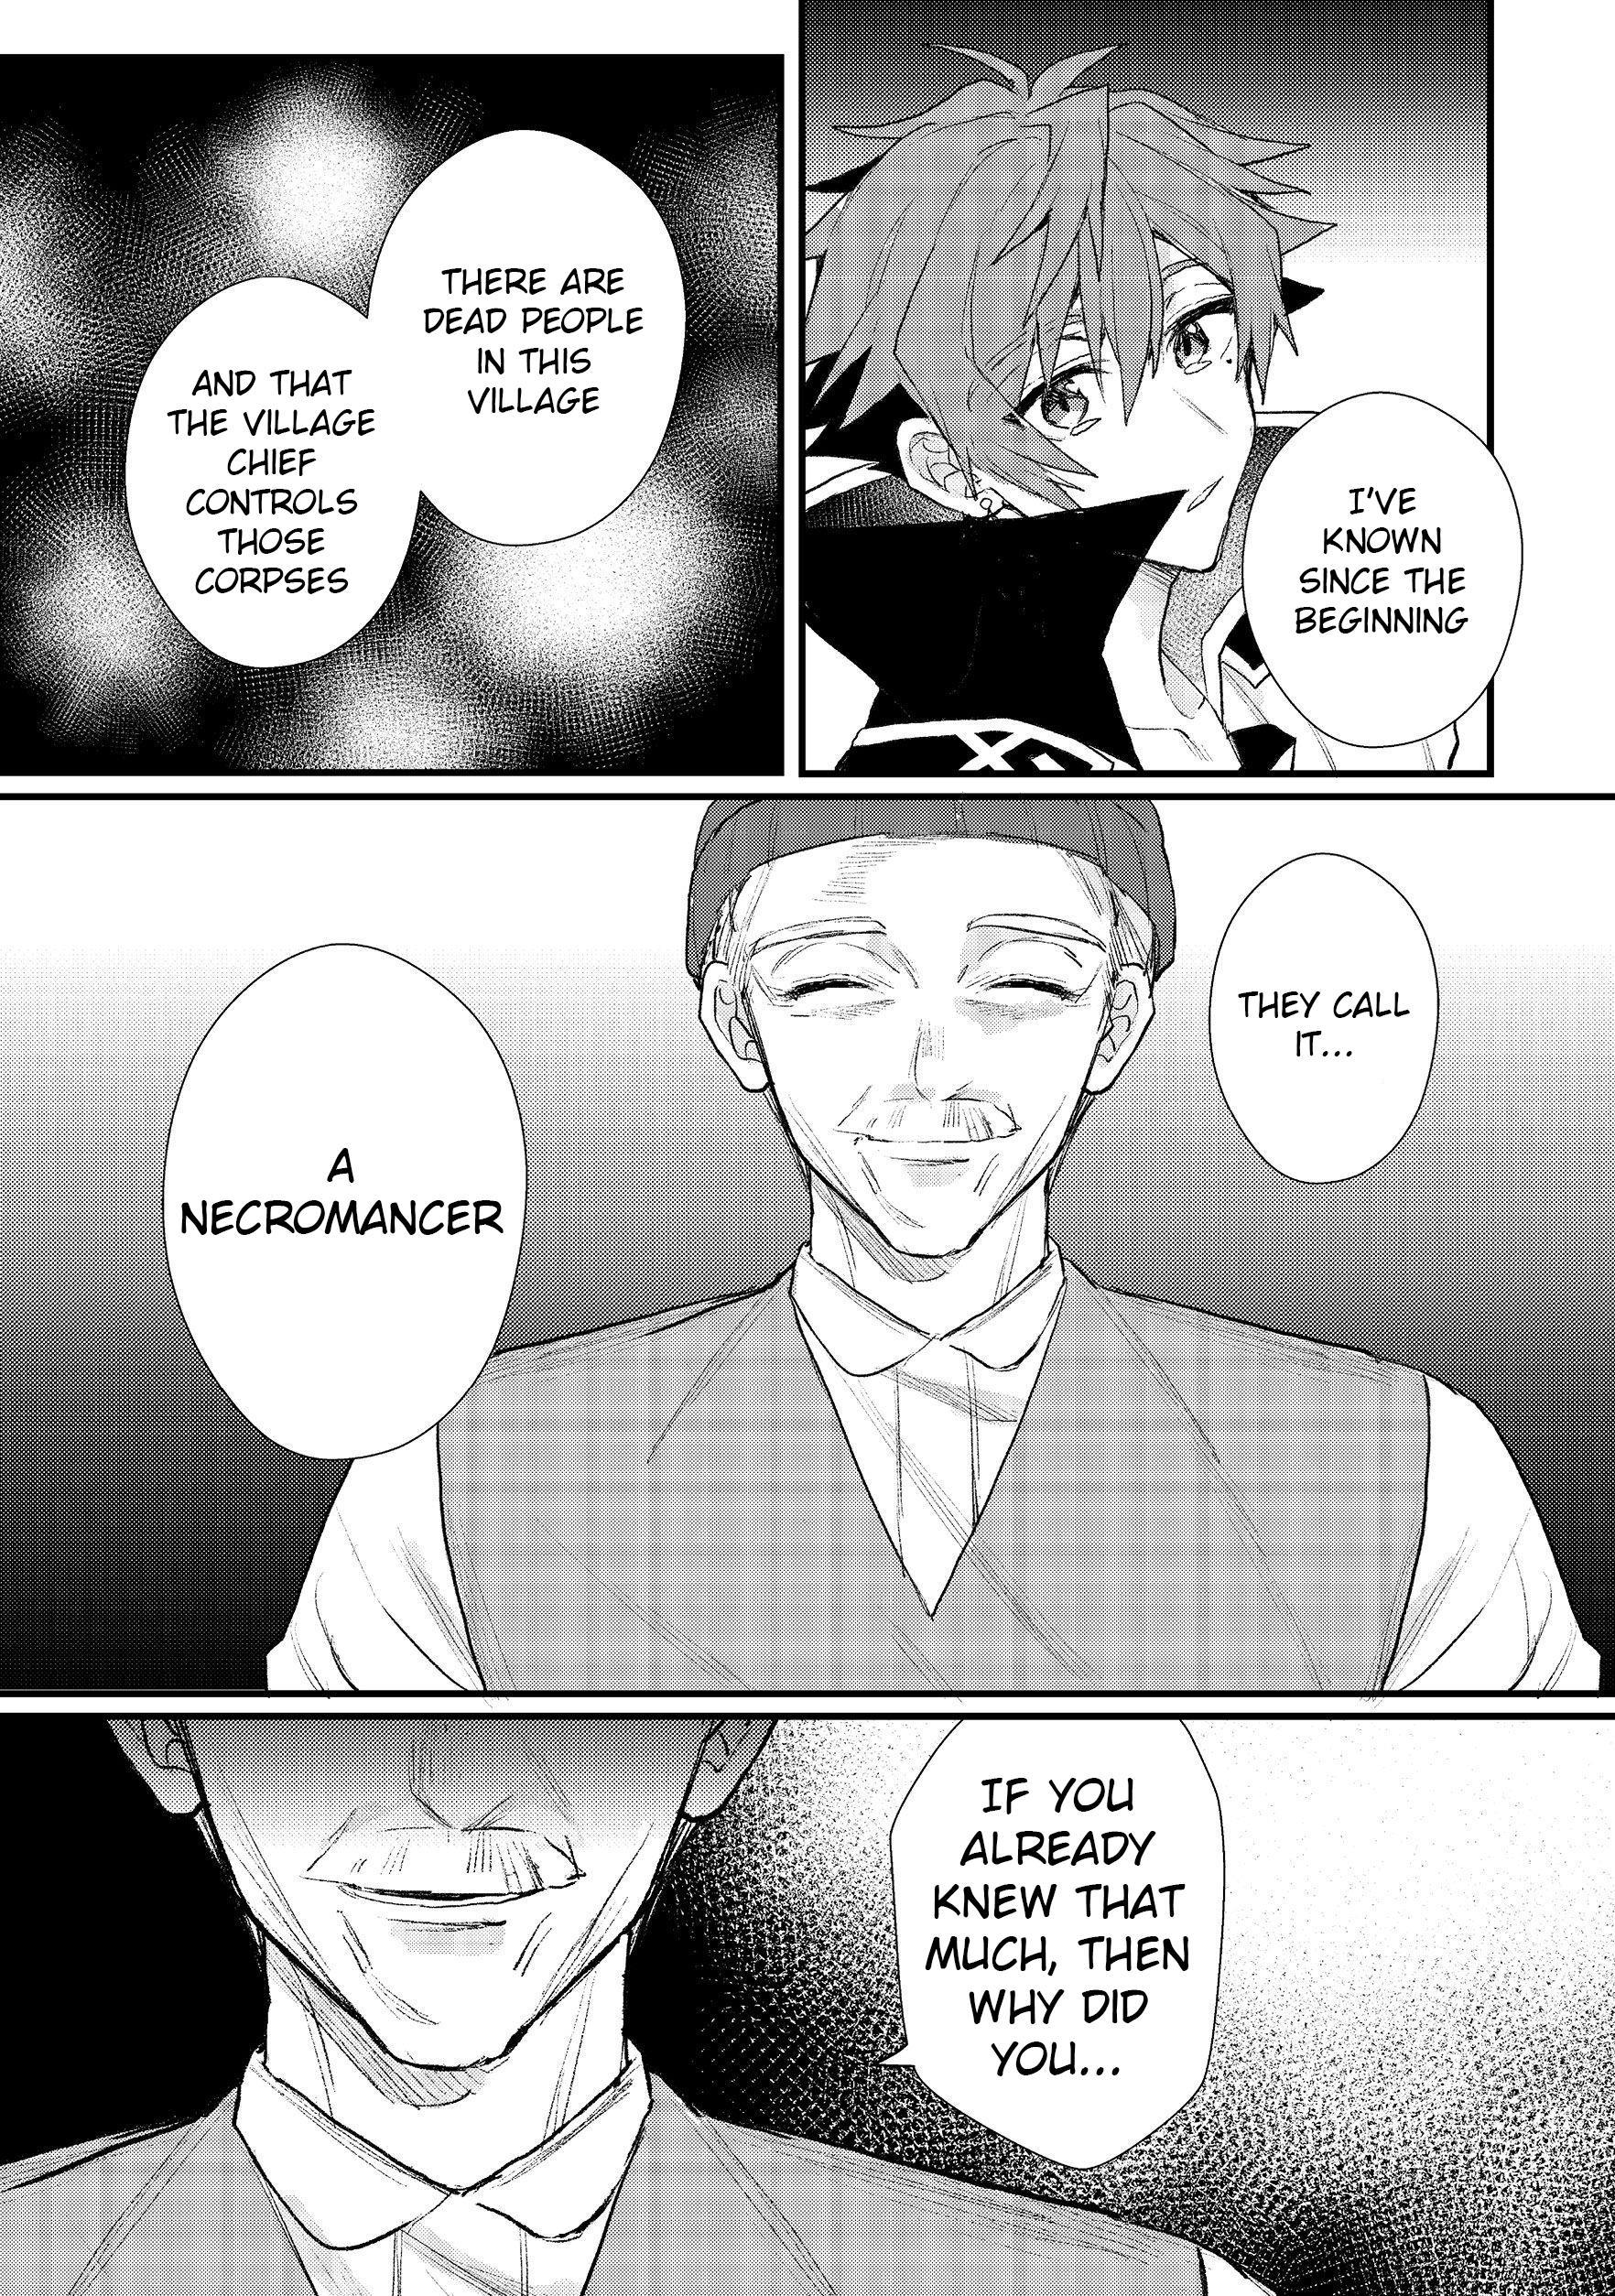 Dekisokonai To Yobareta Moto Eiyuu Wa, Jikka Kara Tsuihousareta No De Suki Katte Ni Ikiru Koto Ni Shita Chapter 13.1 page 5 - Mangakakalots.com